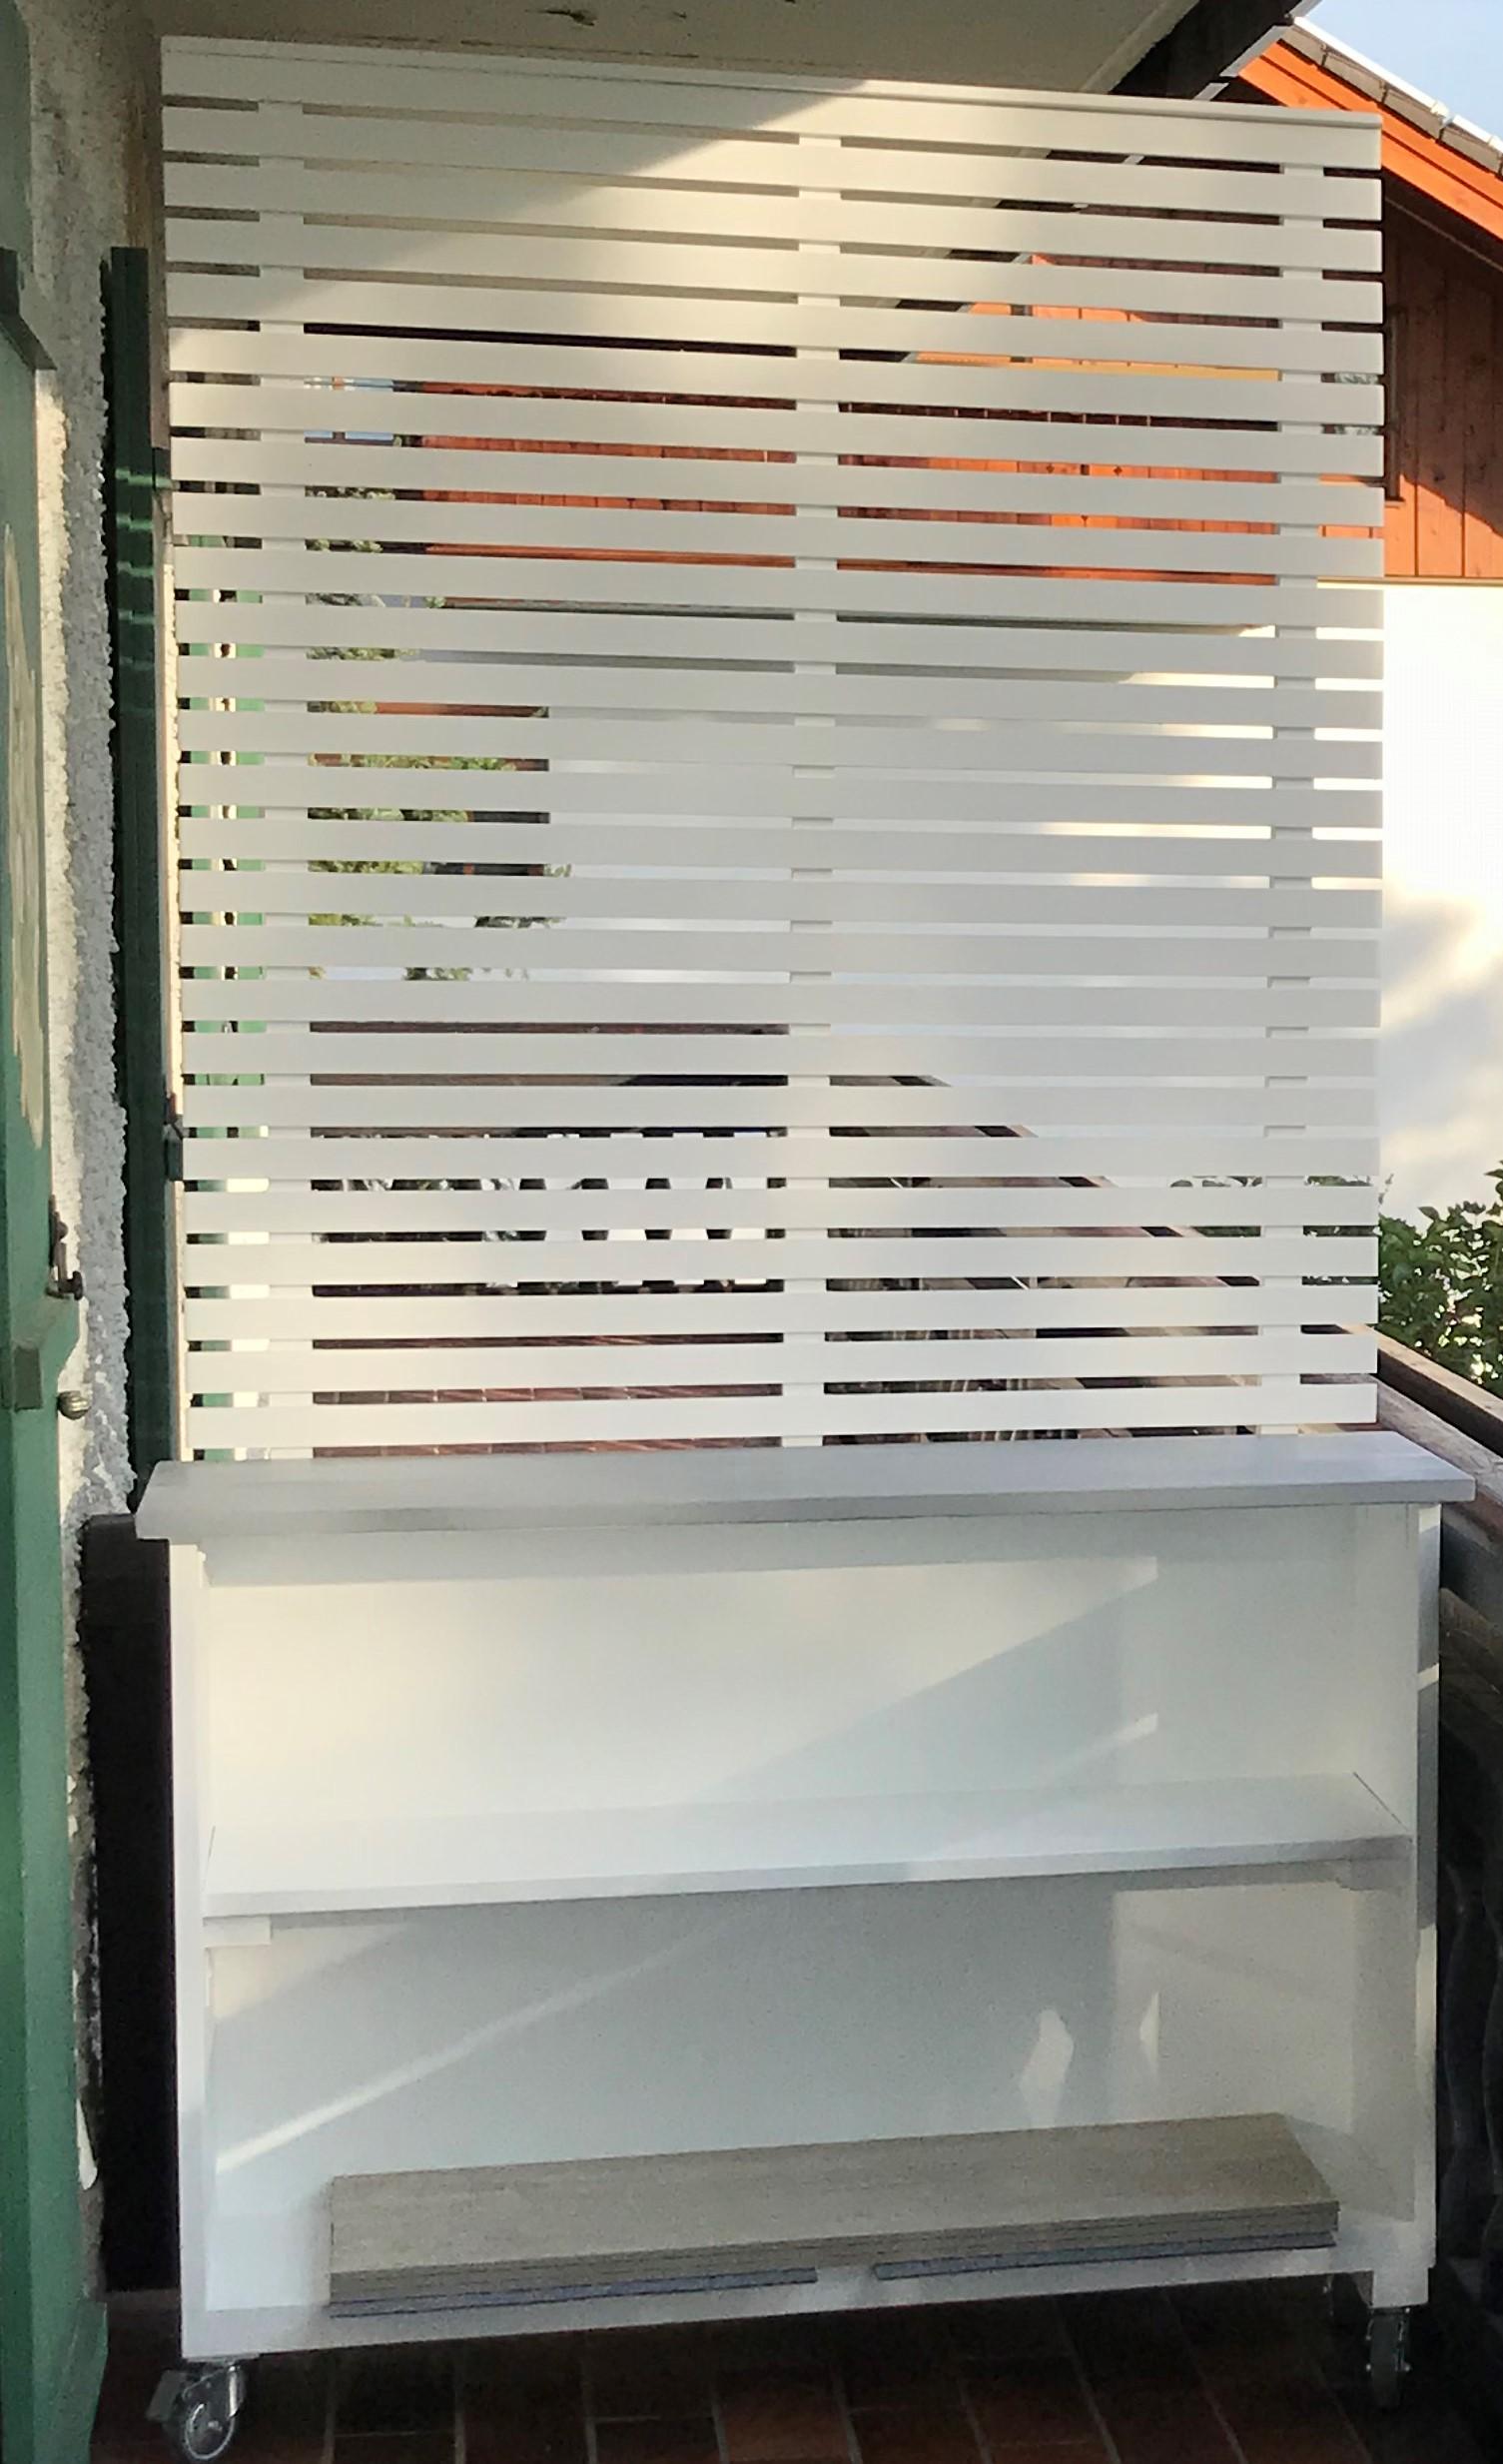 Full Size of Diy Mobiles Pflanzregal Mit Sichtschutz Selber Bauen Kopfteil Bett 140x200 Für Fenster Einbauküche Velux Einbauen Sichtschutzfolie Einseitig Durchsichtig Wohnzimmer Sichtschutz Selber Bauen